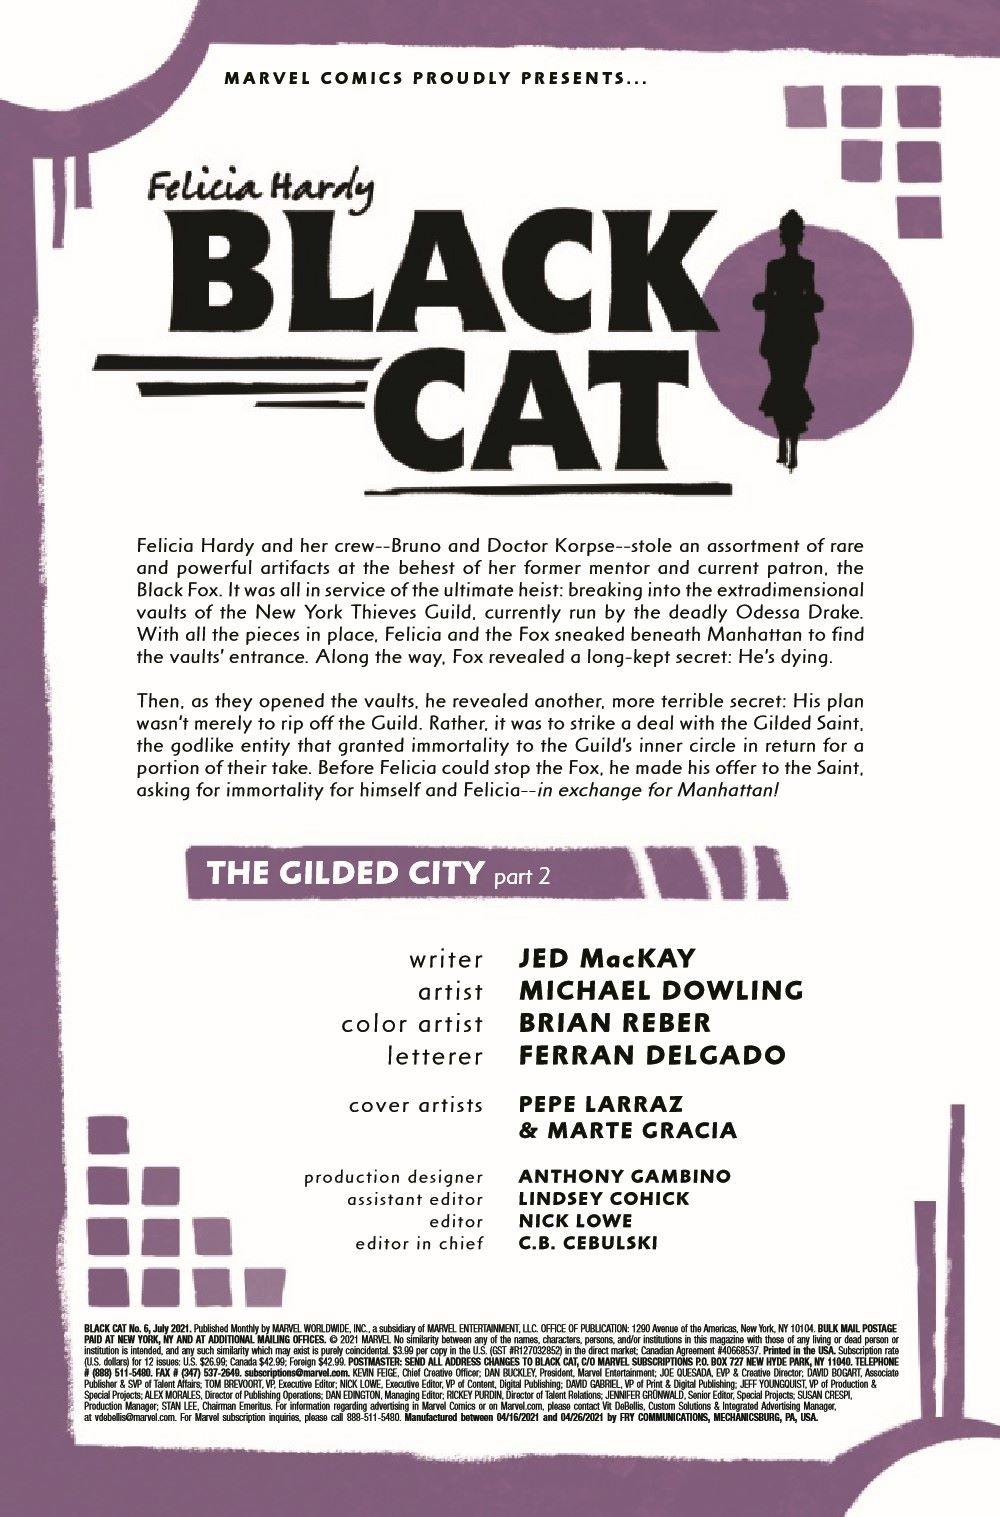 BLACKCAT2020006_Preview-2 ComicList Previews: BLACK CAT #6